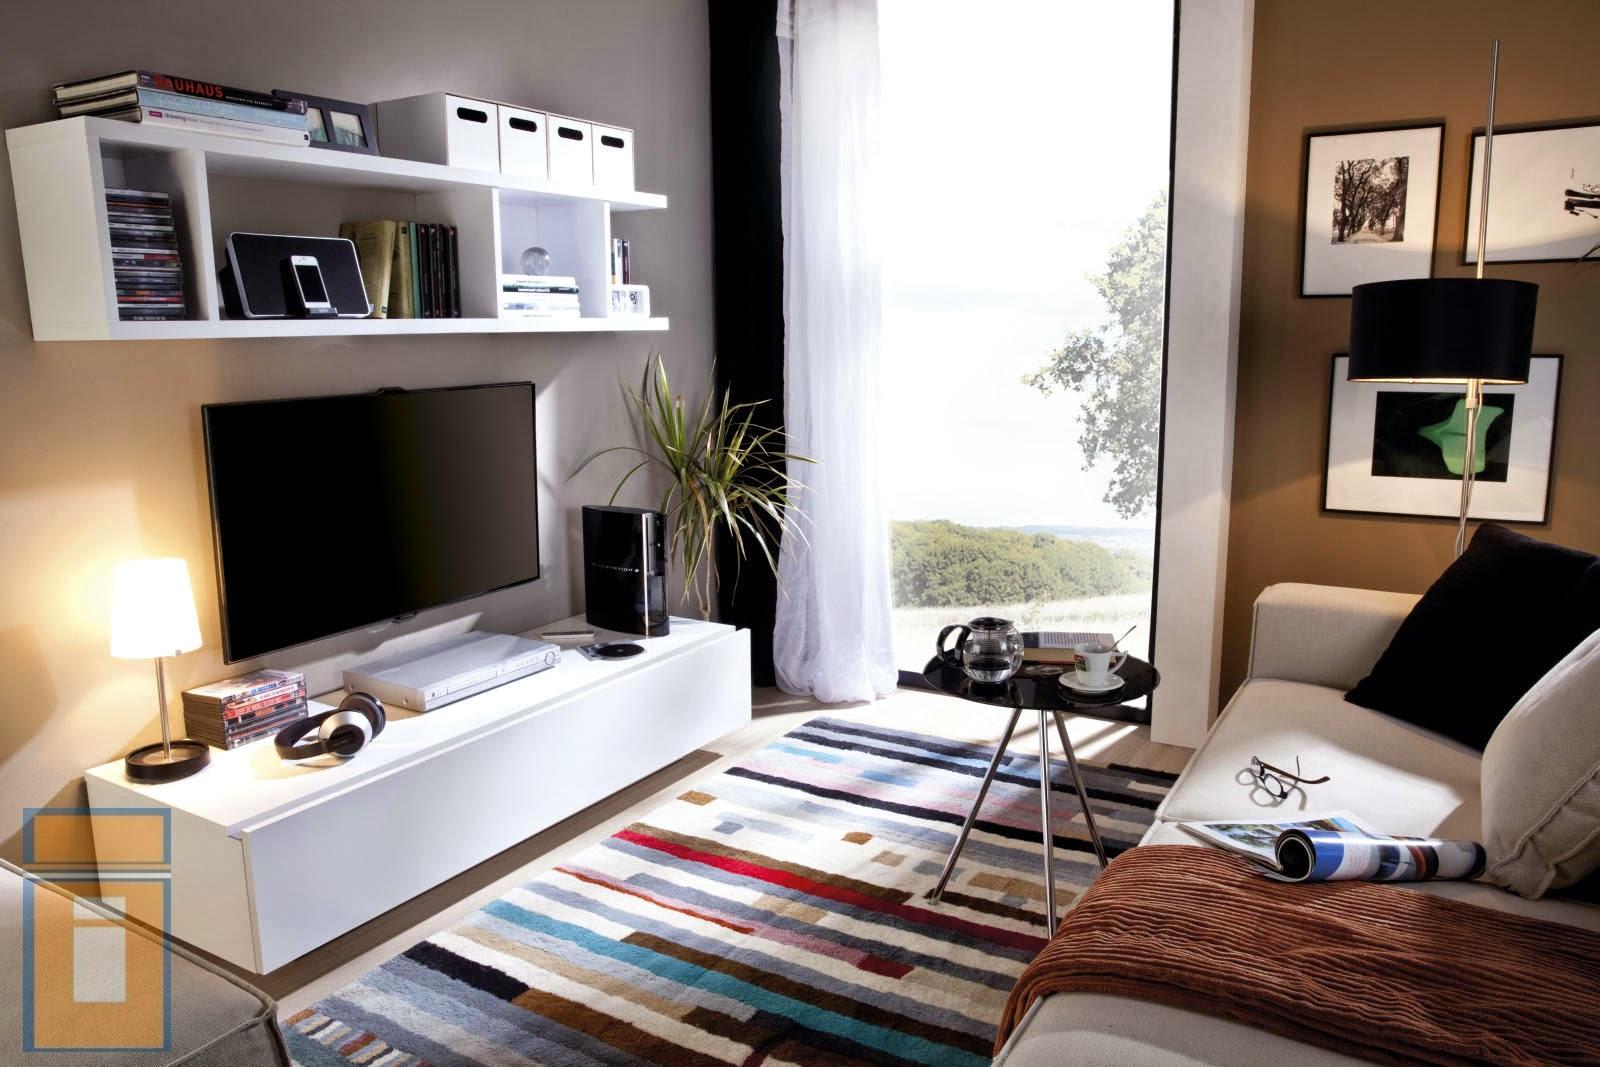 Armimobel muebles con vida comedores modulares hazlo for Muebles para decorar